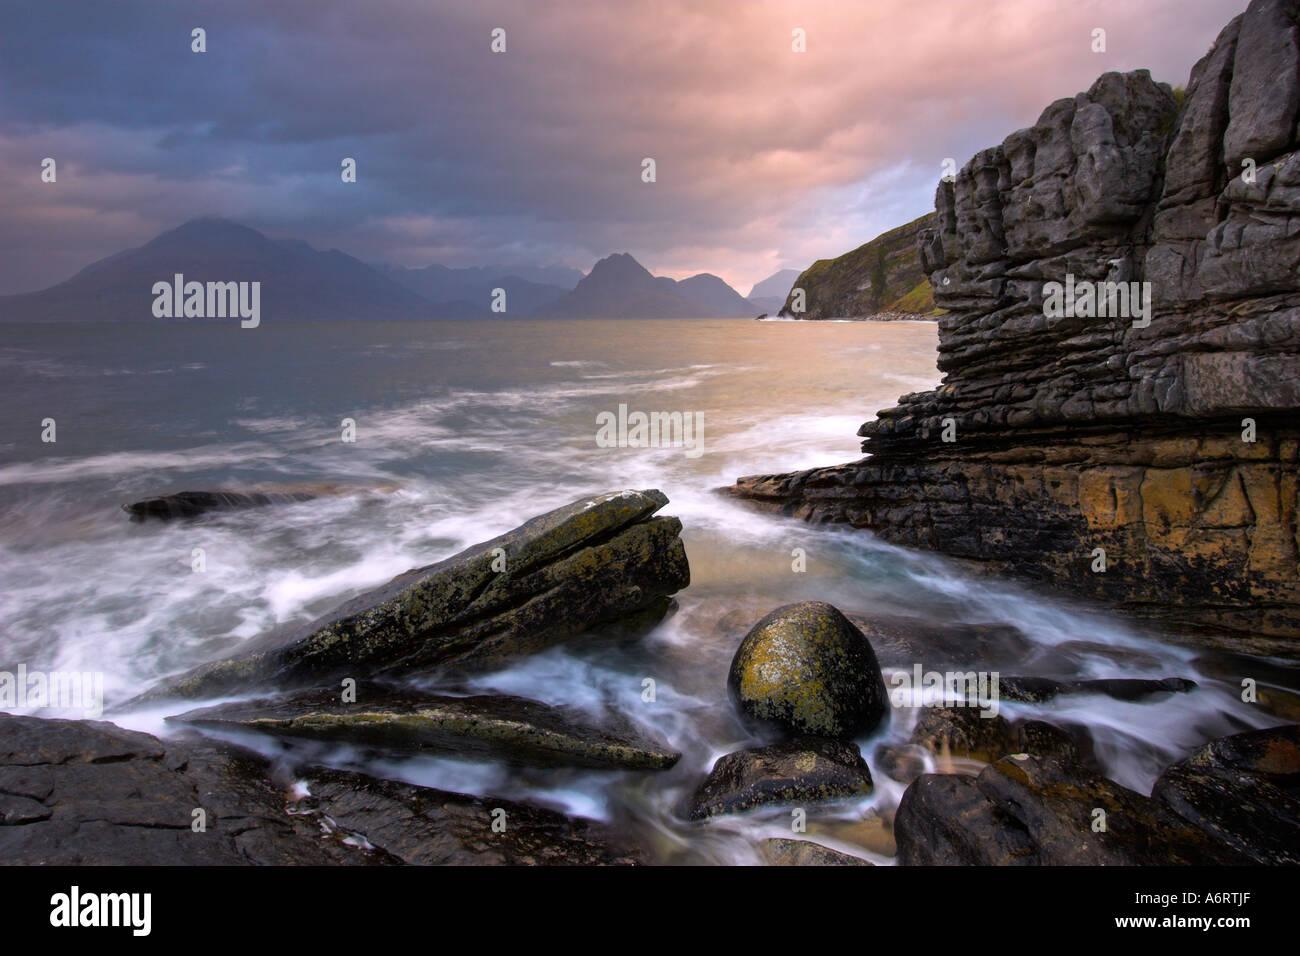 Le rocher parsemé côte de Elgol, île de Skye sur un matin. Les ondes de marée haute autour des rochers. Photo Stock